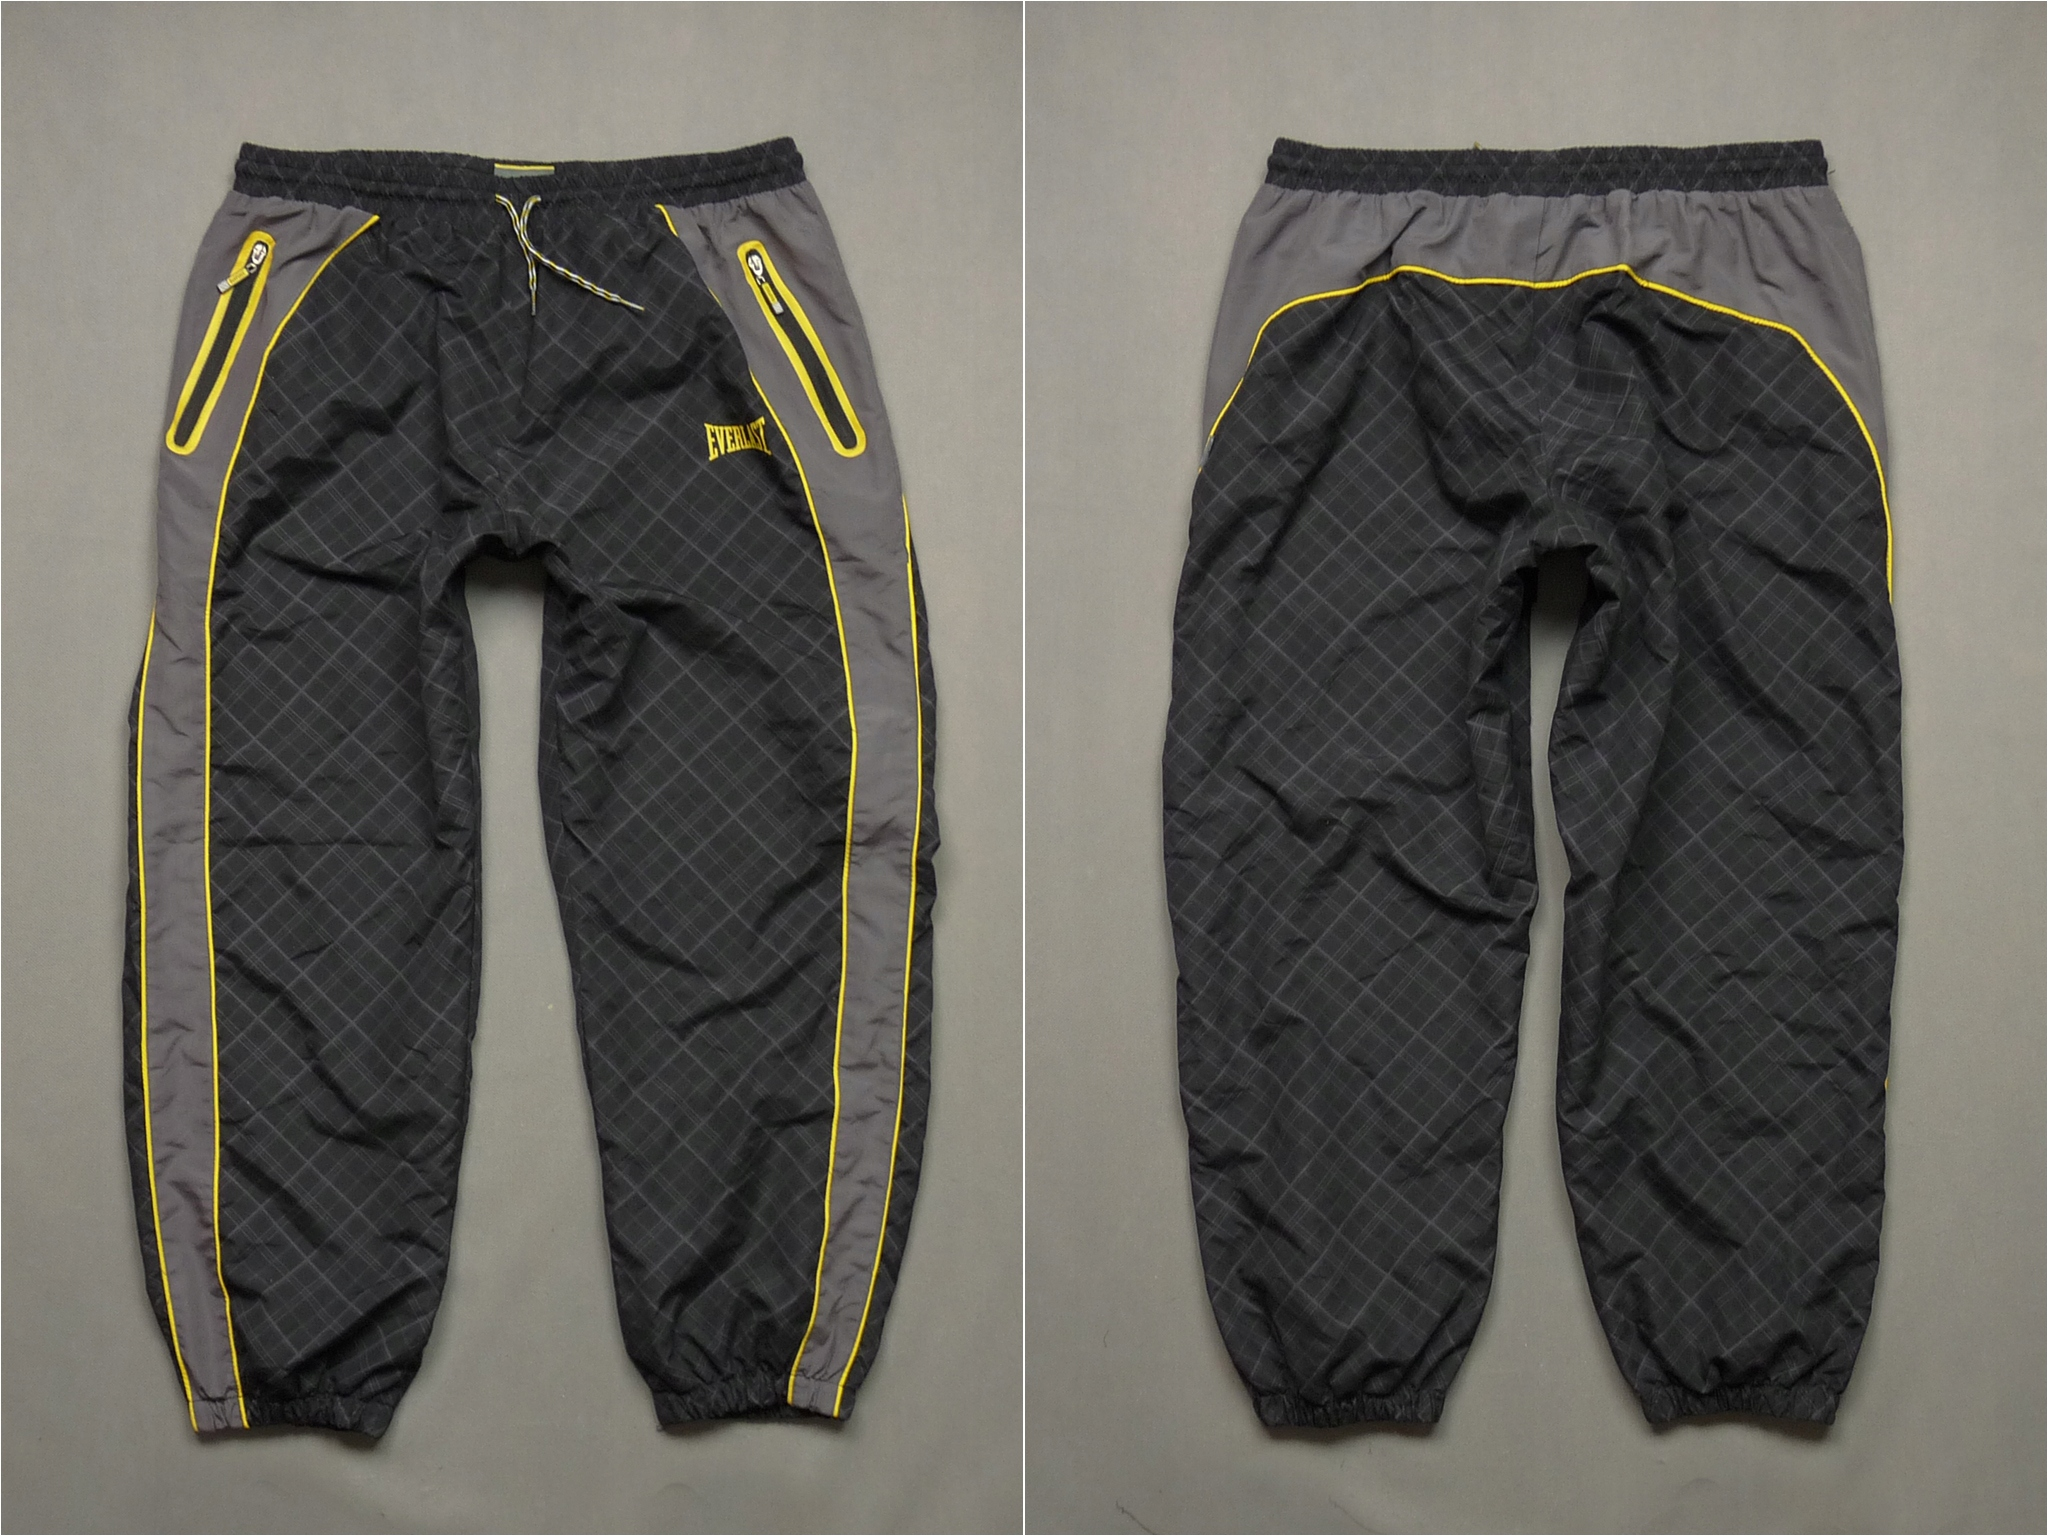 702d23ca98e90 Xxl 7631603123 Czarne Spodnie Dresowe Poliestrowe Everlast nUI87X8x